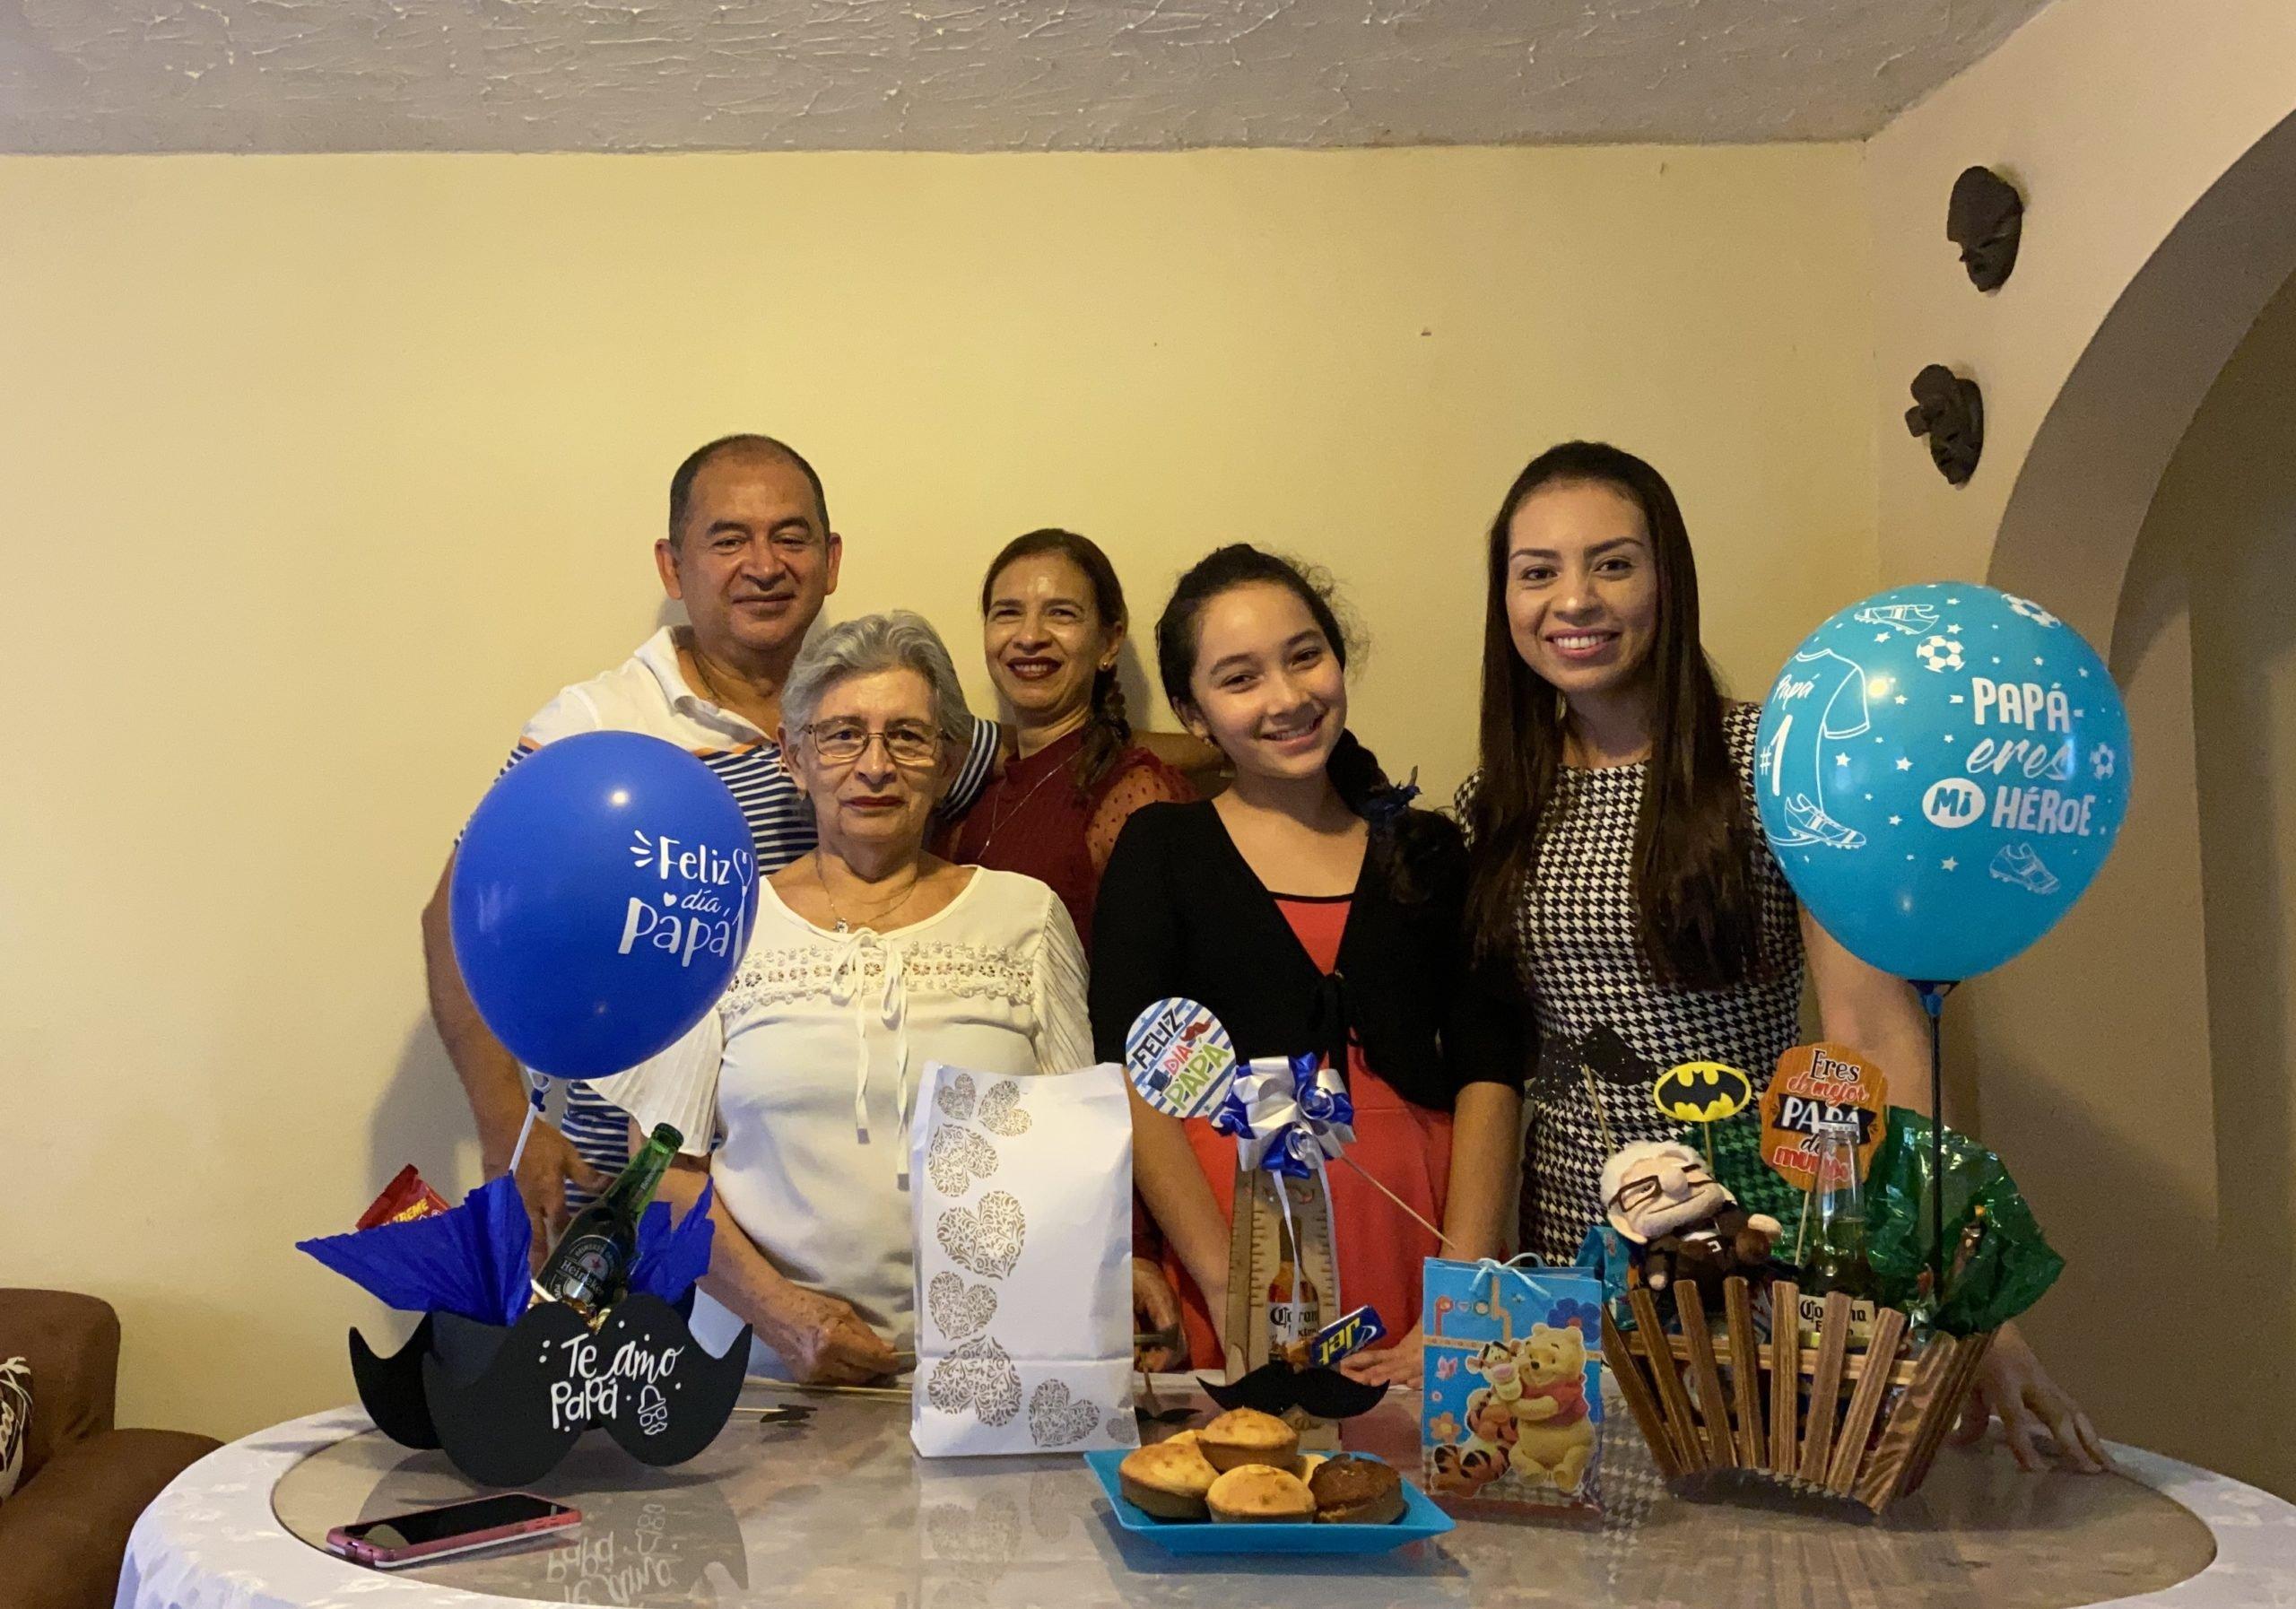 Celebró en familia / Jhon Jairo Álvarez